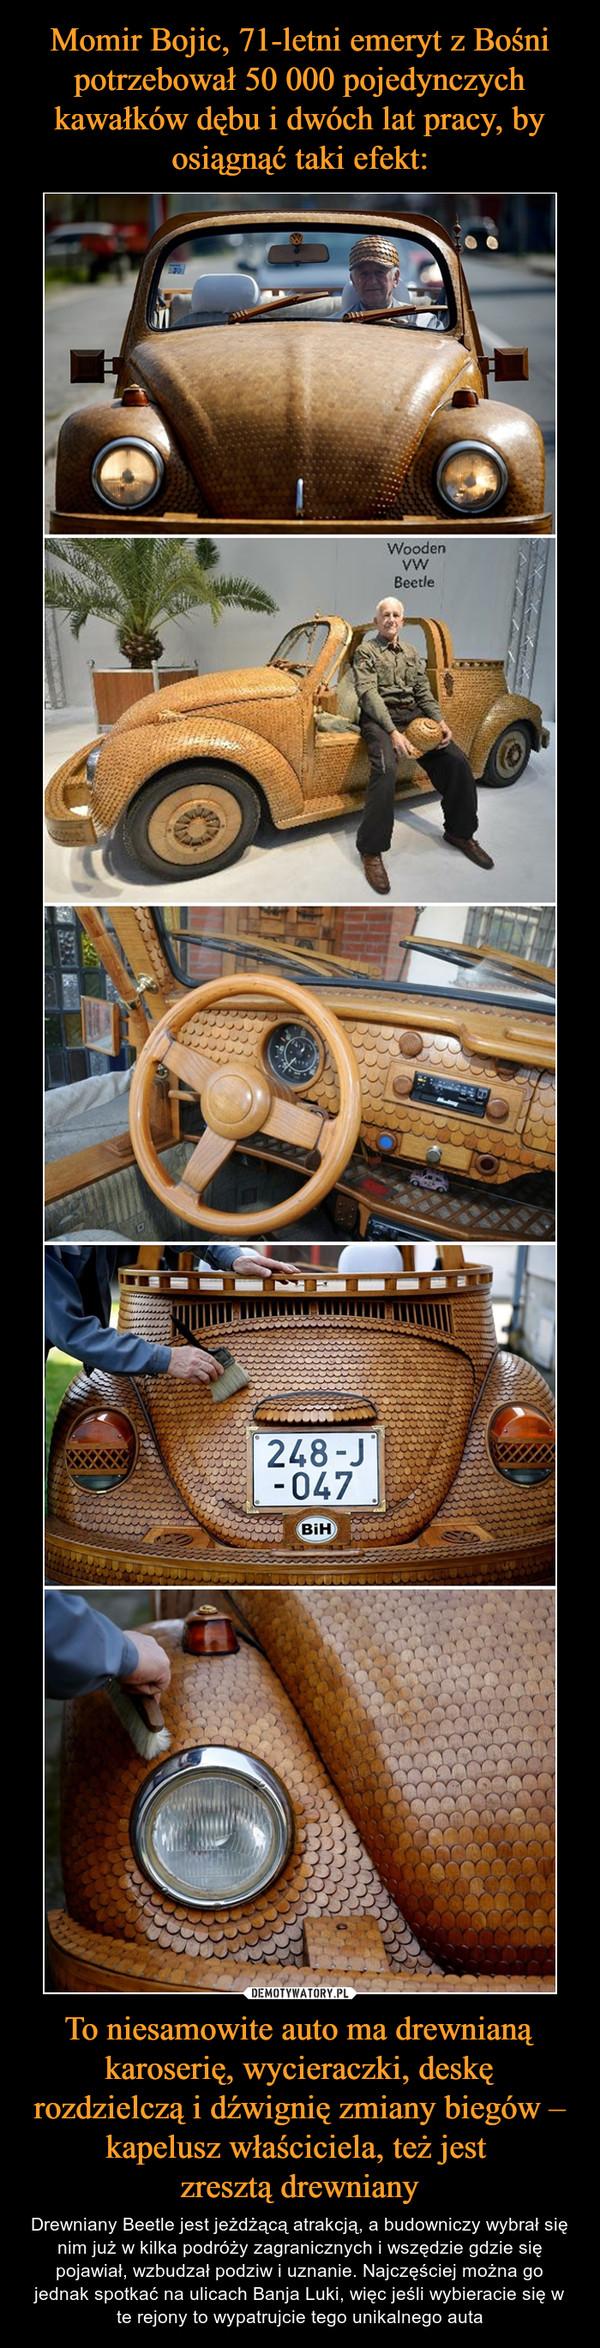 To niesamowite auto ma drewnianą karoserię, wycieraczki, deskę rozdzielczą i dźwignię zmiany biegów – kapelusz właściciela, też jest zresztą drewniany – Drewniany Beetle jest jeżdżącą atrakcją, a budowniczy wybrał się nim już w kilka podróży zagranicznych i wszędzie gdzie się pojawiał, wzbudzał podziw i uznanie. Najczęściej można go jednak spotkać na ulicach Banja Luki, więc jeśli wybieracie się w te rejony to wypatrujcie tego unikalnego auta